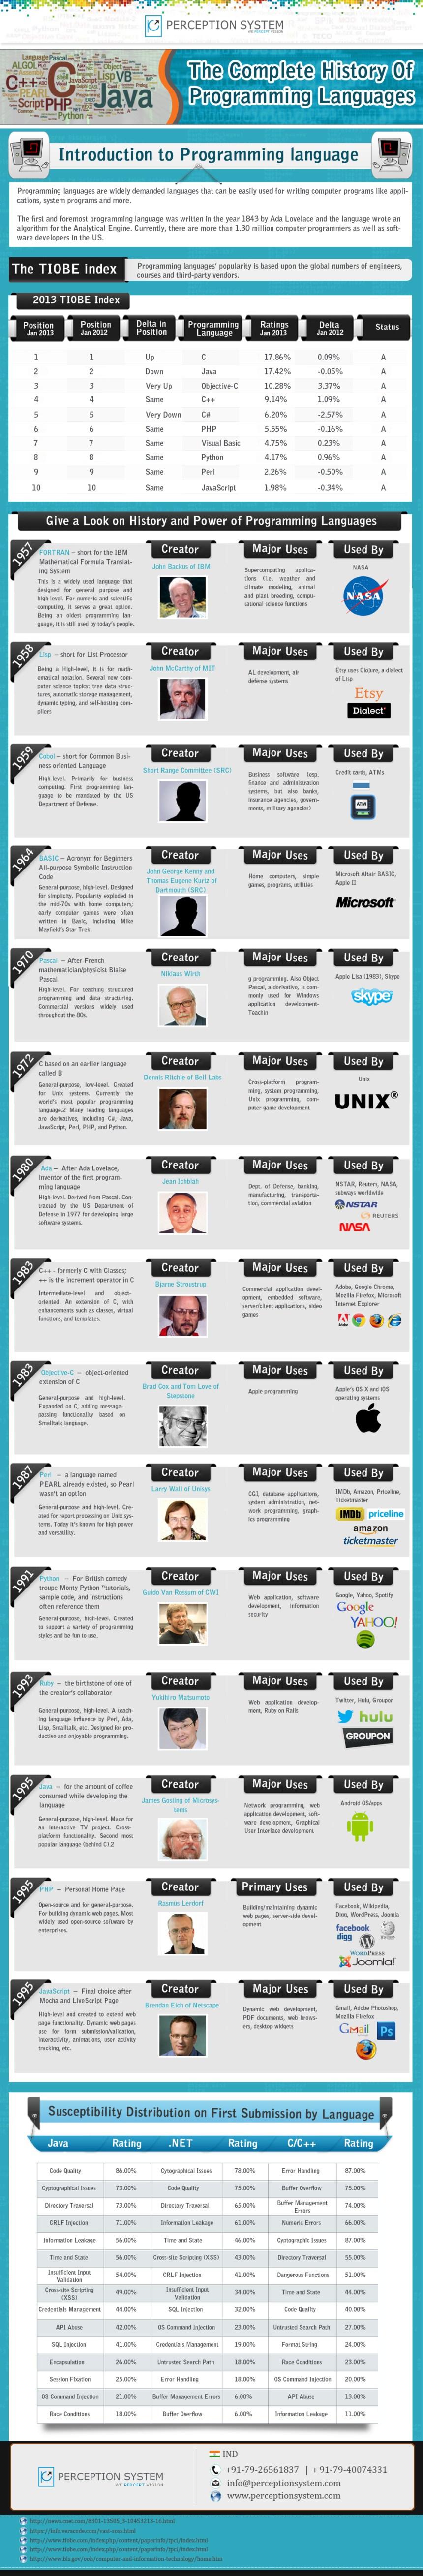 Historia completa de los lenguajes de programación